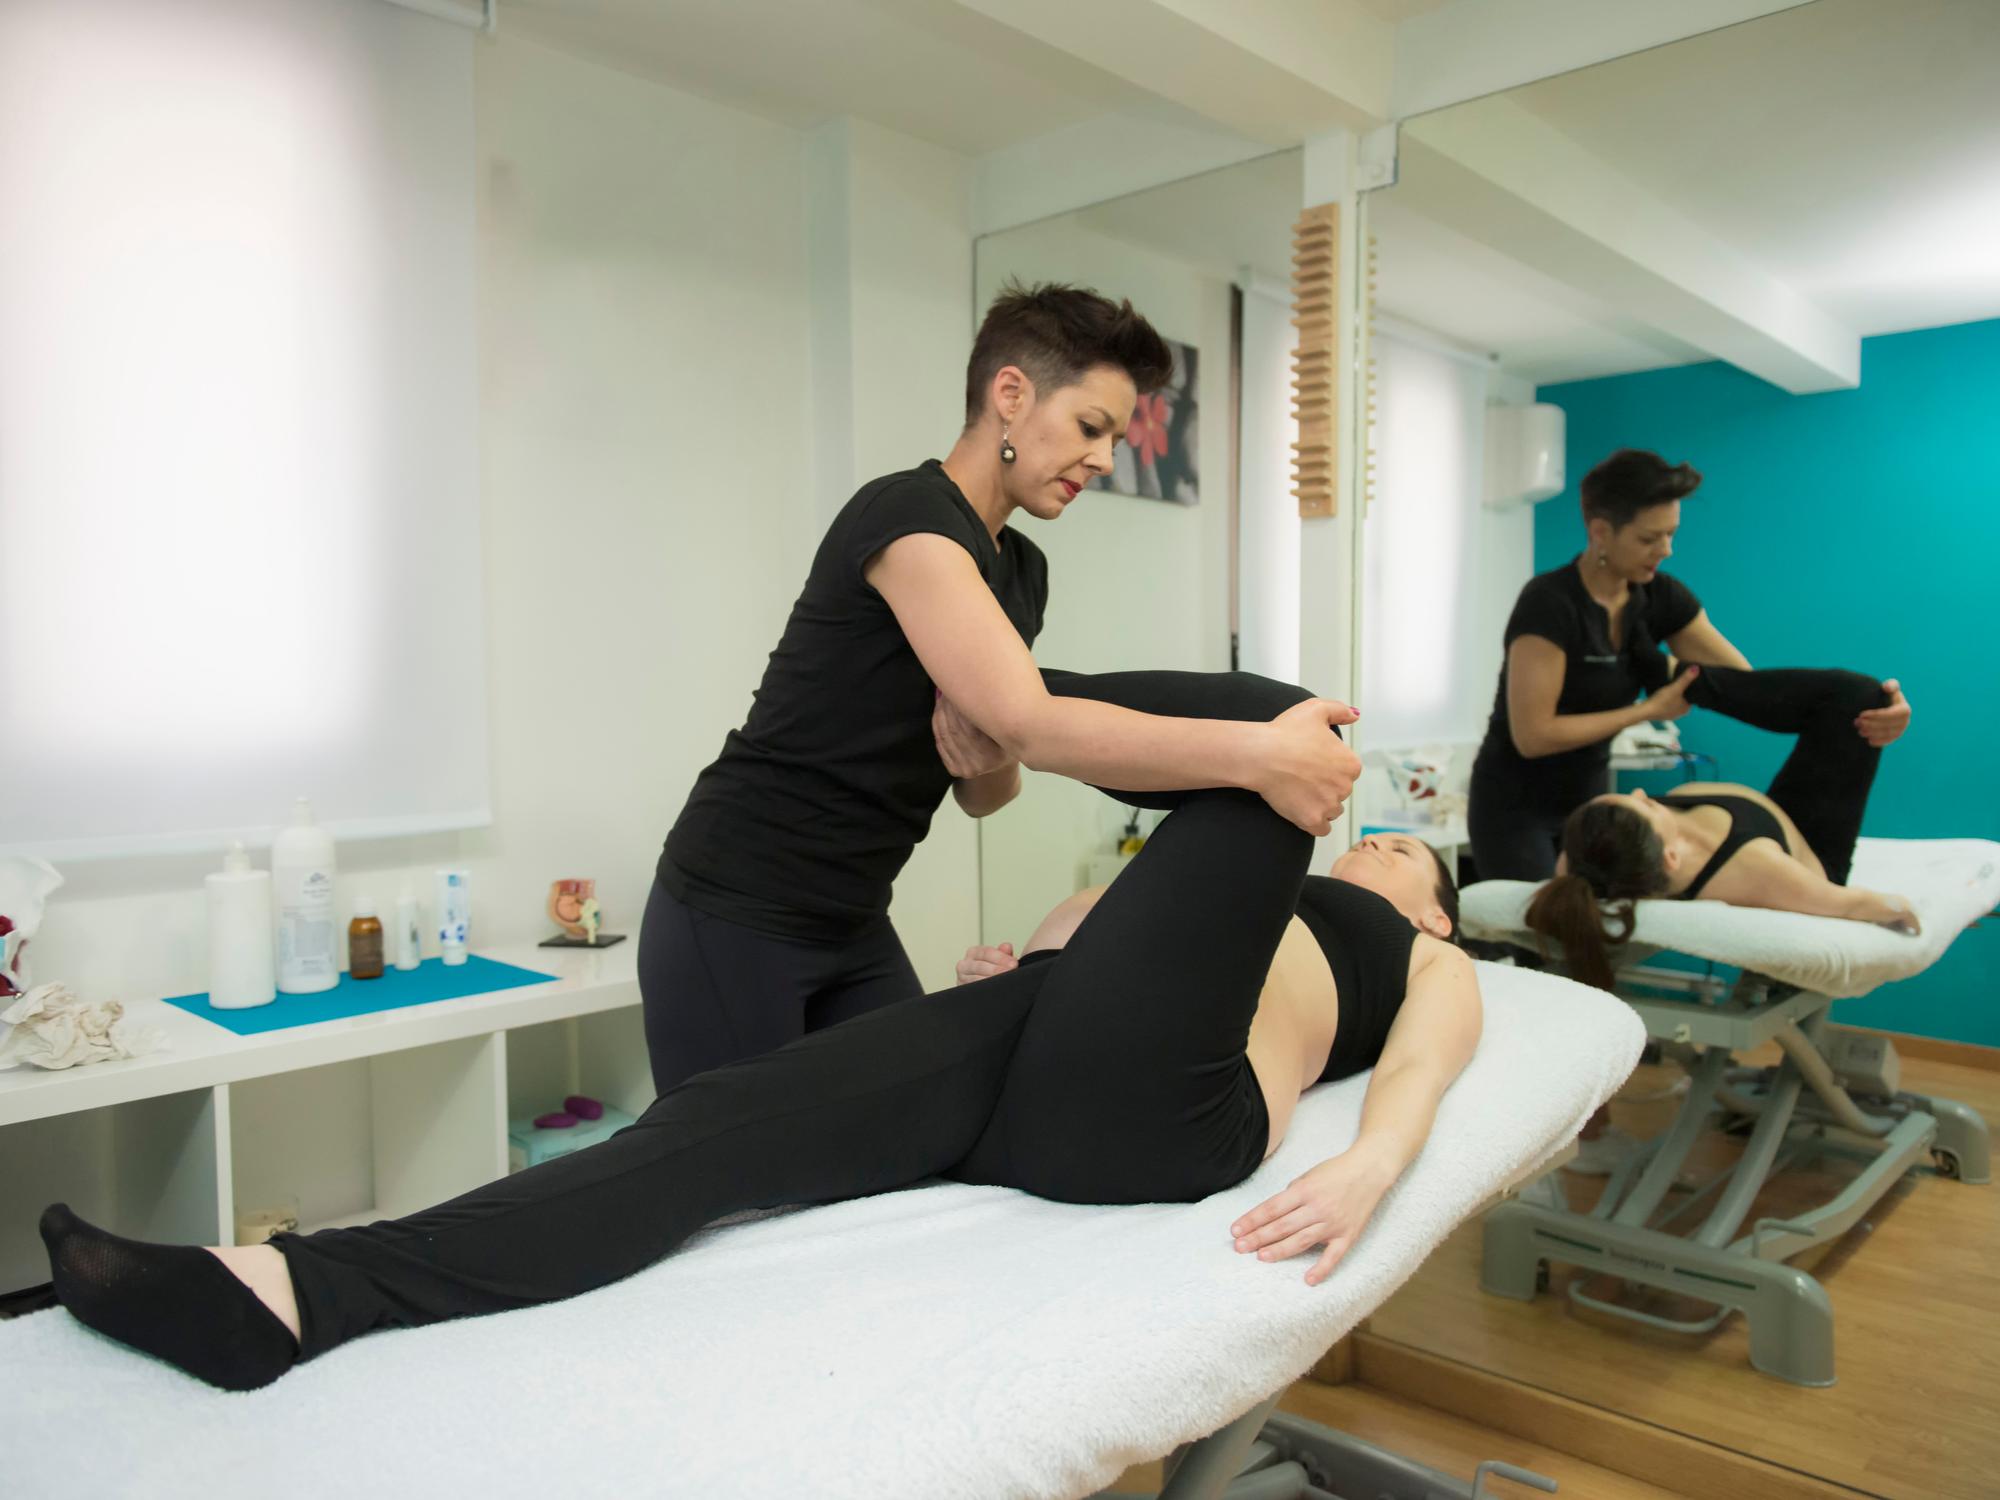 Benefits of Prenatal Chiropractic Care